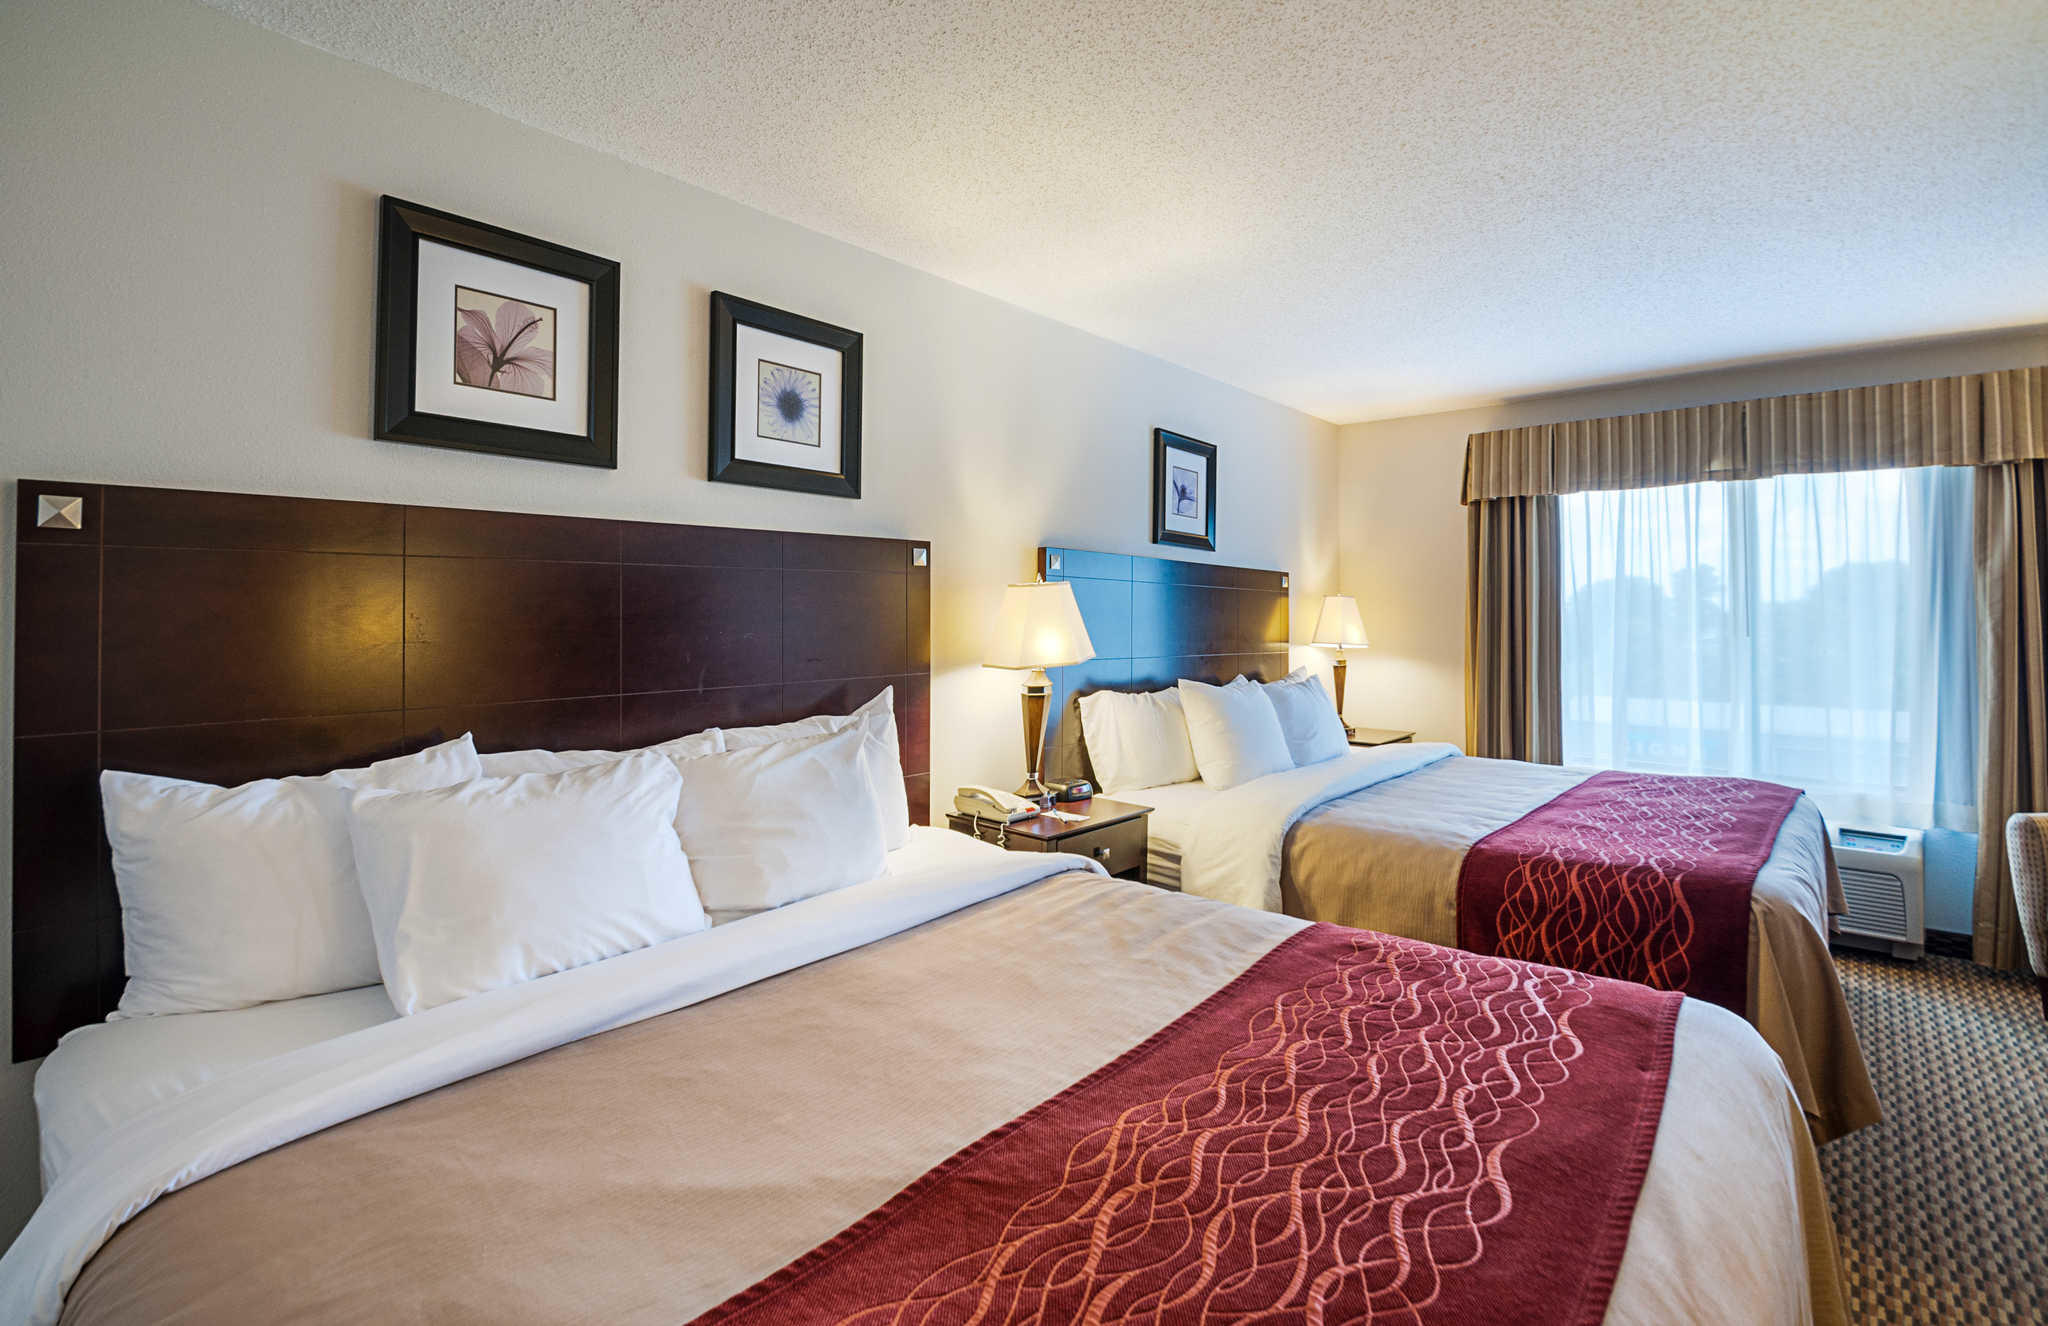 Comfort Inn & Suites Cambridge image 0